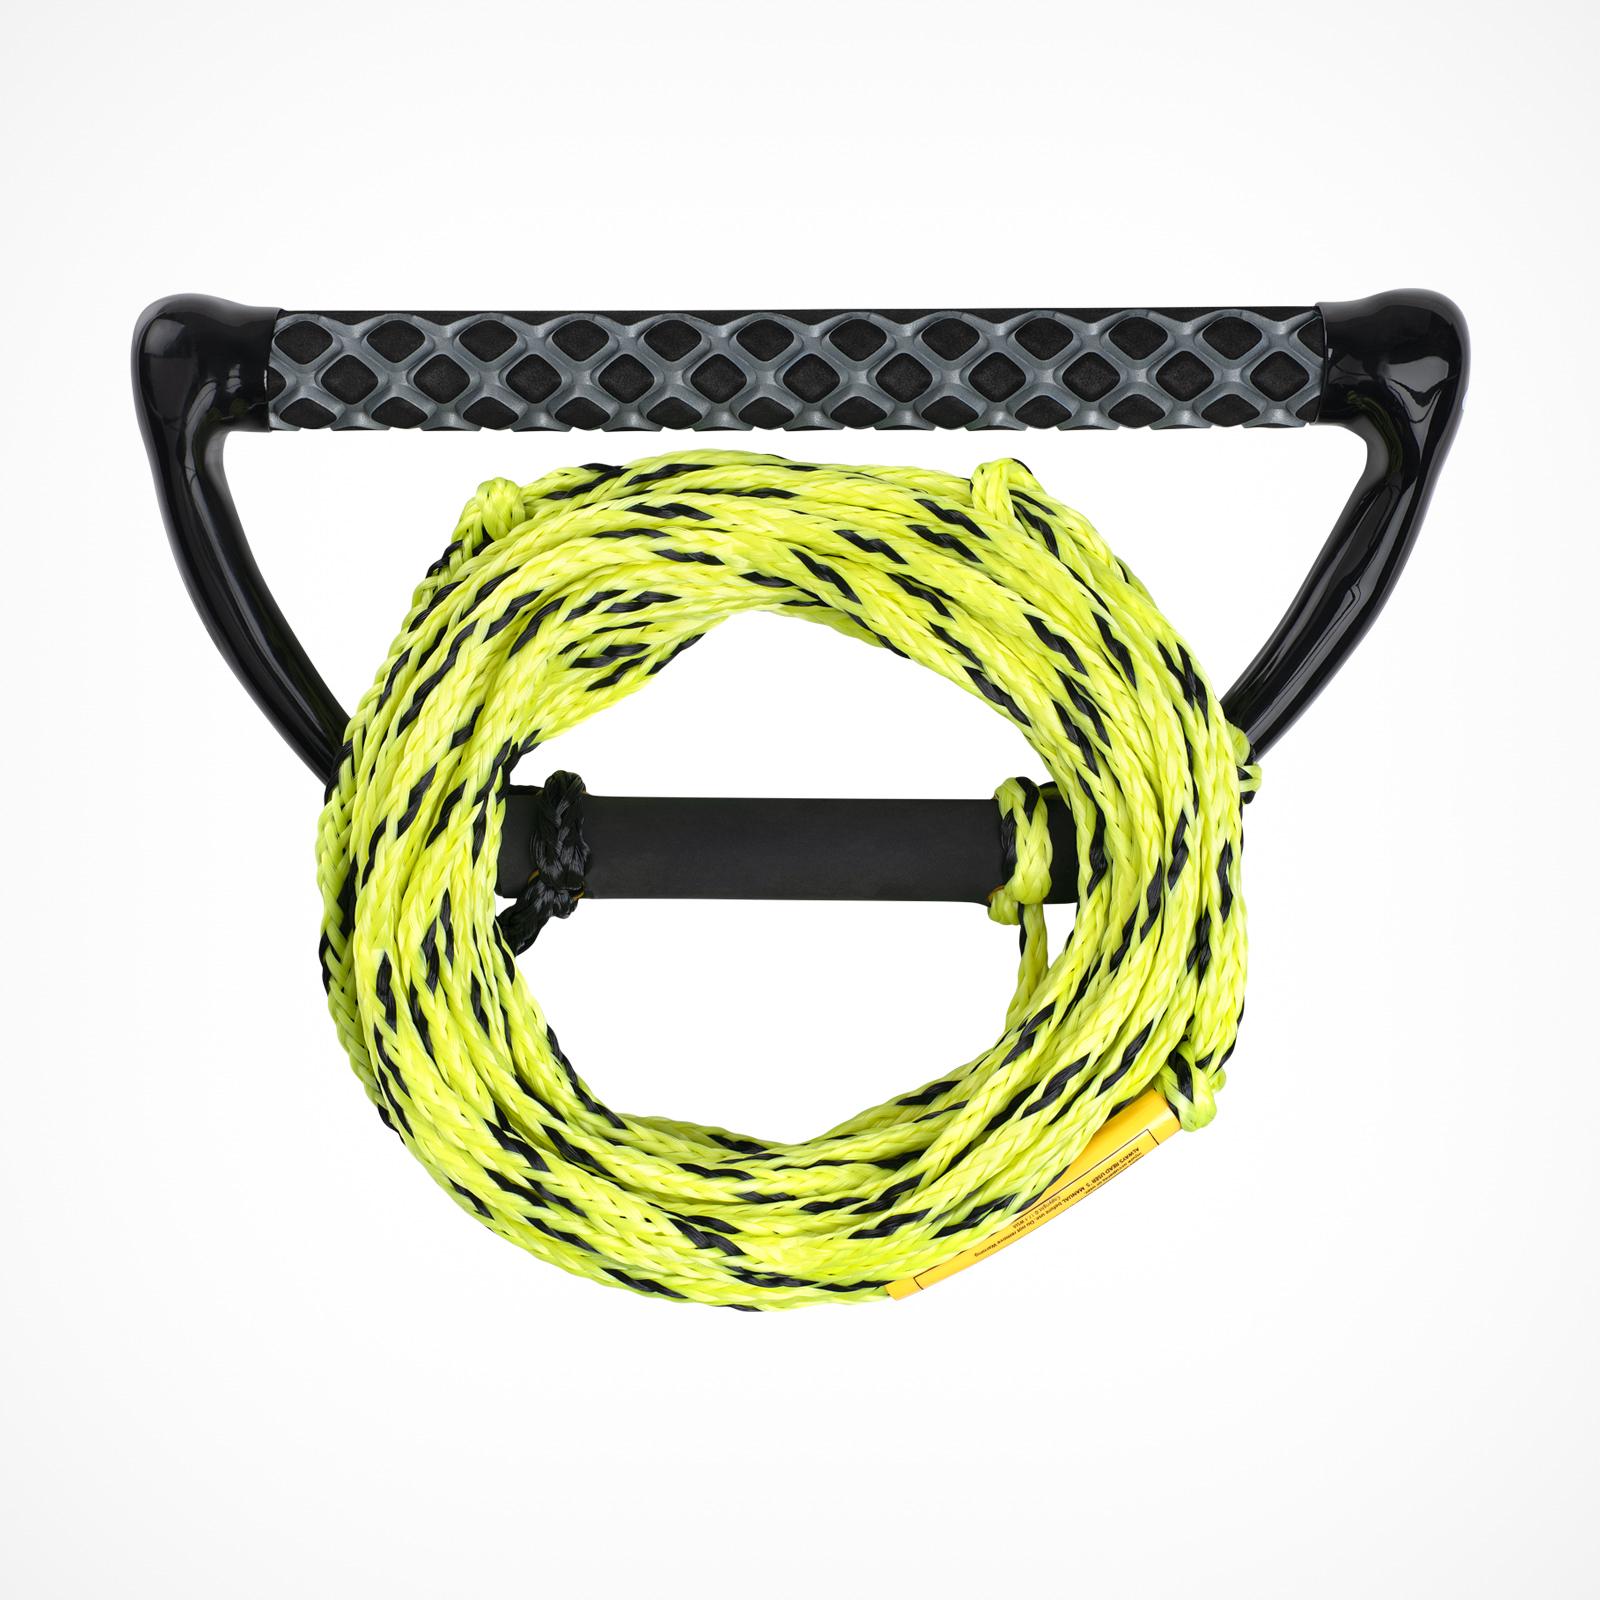 MESLE Kneeboard Rope Hook Up TR 60'